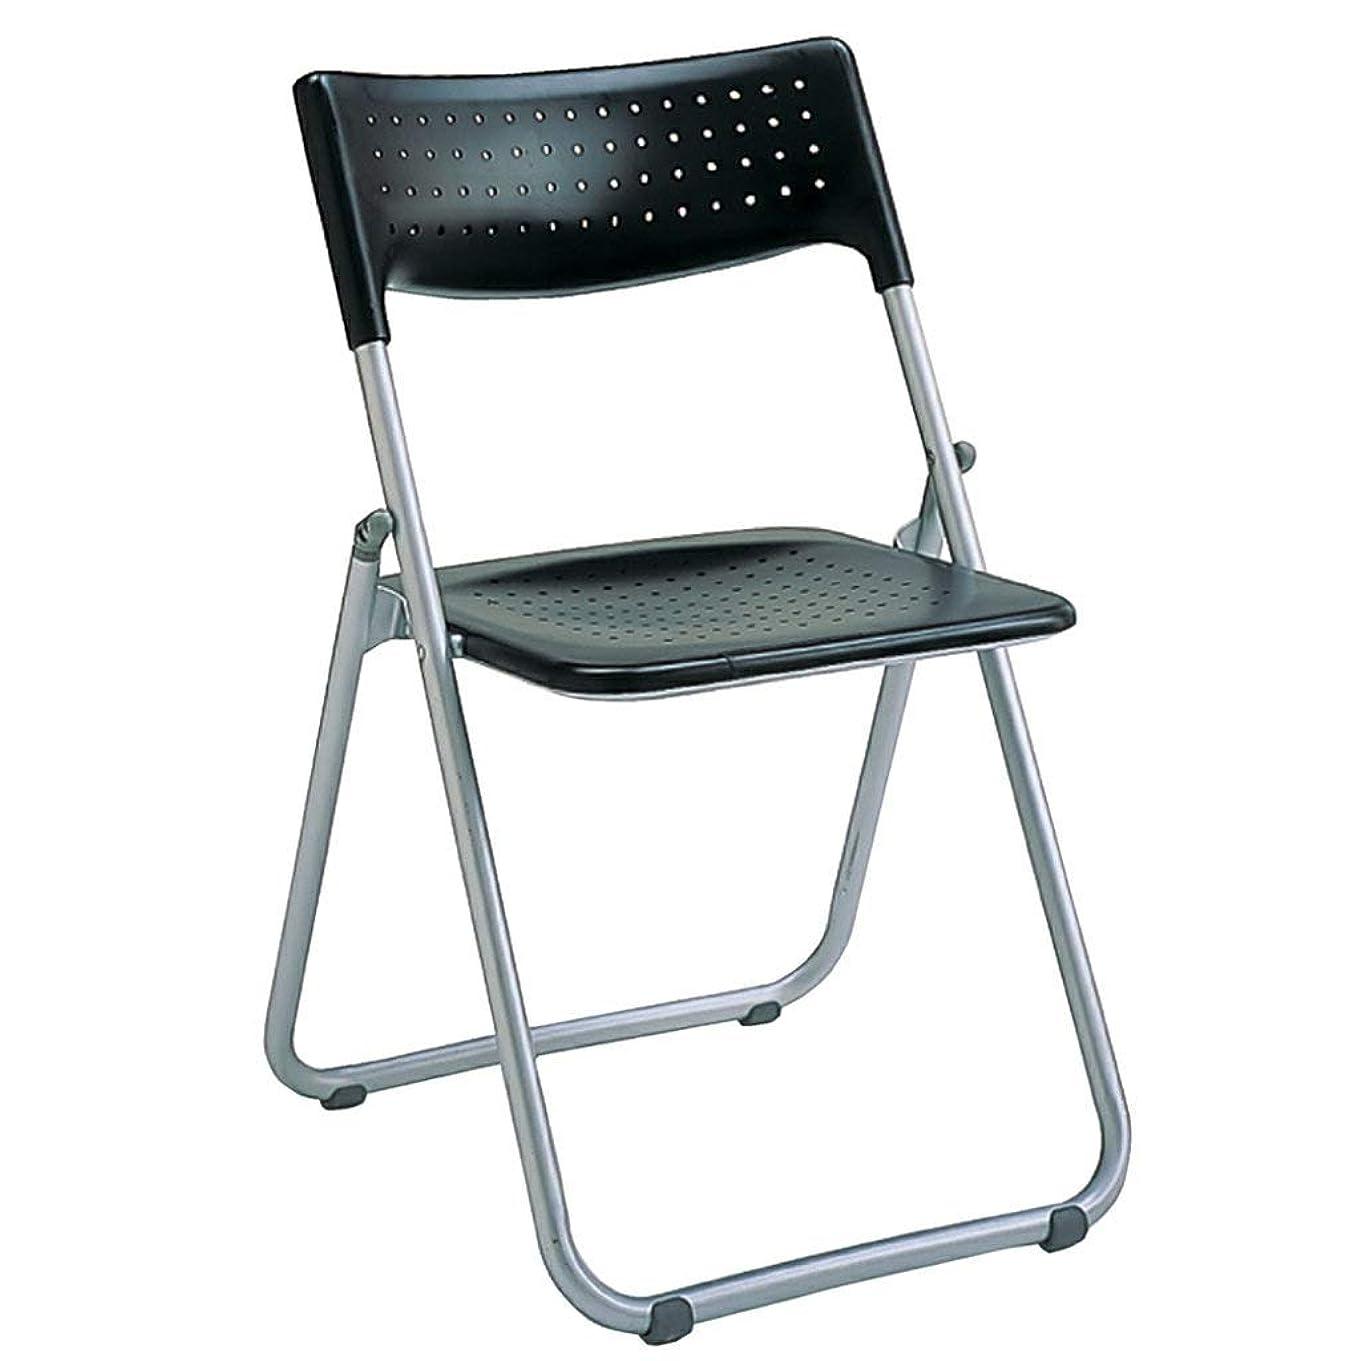 海藻ホップサークル折りたたみチェア 折りたたみ椅子 パイプ椅子 軽量 スチール脚 背座樹脂 ブラック SS-S039N